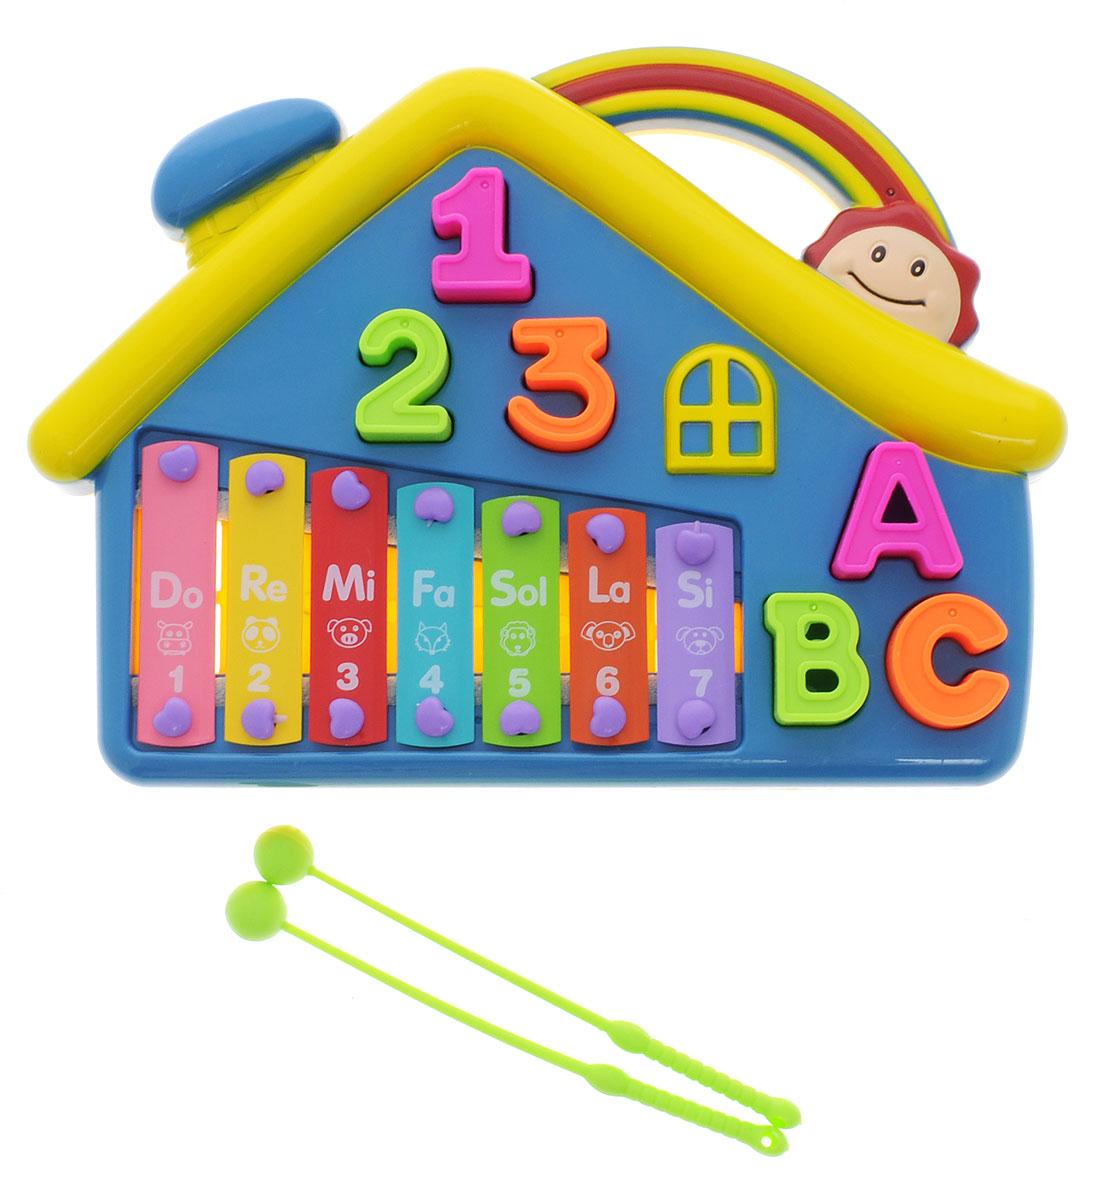 Shantou Ксилофон ДомикB739359RДетская музыкальная игрушка Shantou Ксилофон Домик рассчитана на самых юных музыкантов. Игрушка изготовлена из высококачественного пластика - прочного и абсолютно безвредного для детского здоровья. Ксилофон имеет яркий цвет и обязательно привлечет внимание малыша. Удобные палочки позволят вашему ребенку сочинять различные мелодии. Такая яркая музыкальная игрушка поможет ребенку развить слух, внимание, память и мелкую моторику.